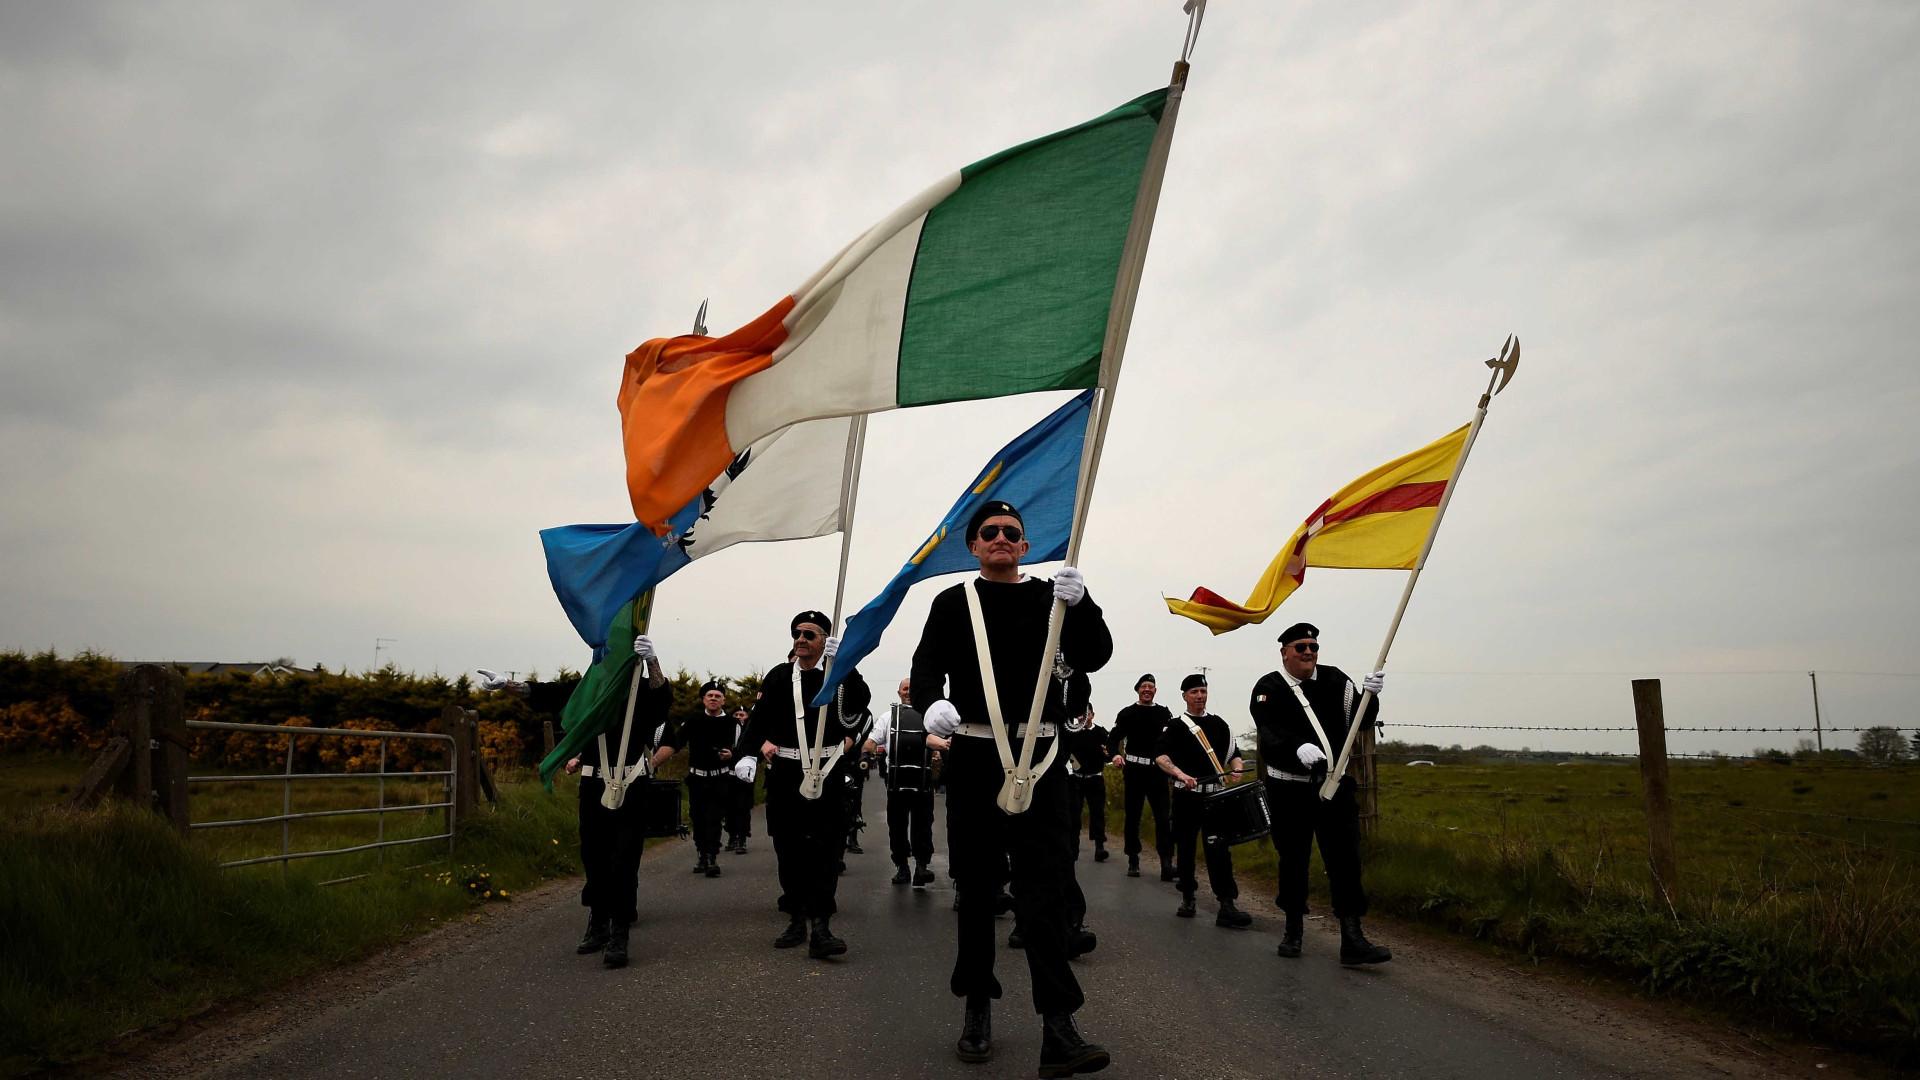 Crise na Irlanda do Norte 'agudiza-se' após falhanço nas negociações